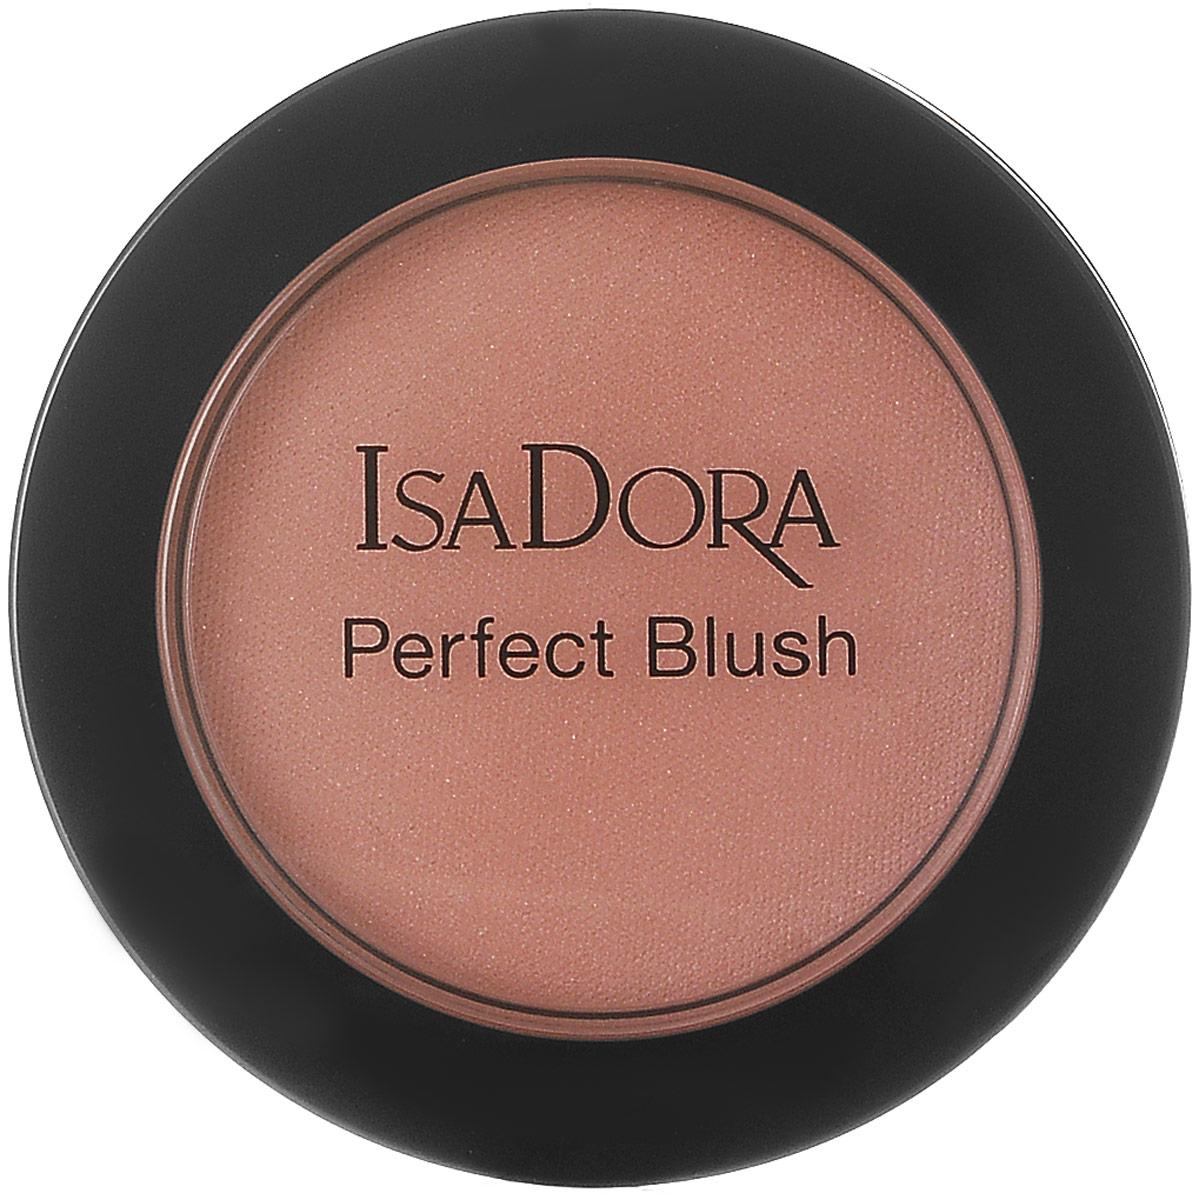 Isadora румяна Perfect blush 66 4,5гр214066Нежные бархатистые румяна, устойчивые, насыщенная пигментами текстура, матовые и сияющие оттенки. Без отдушек. Клинически тестировано.